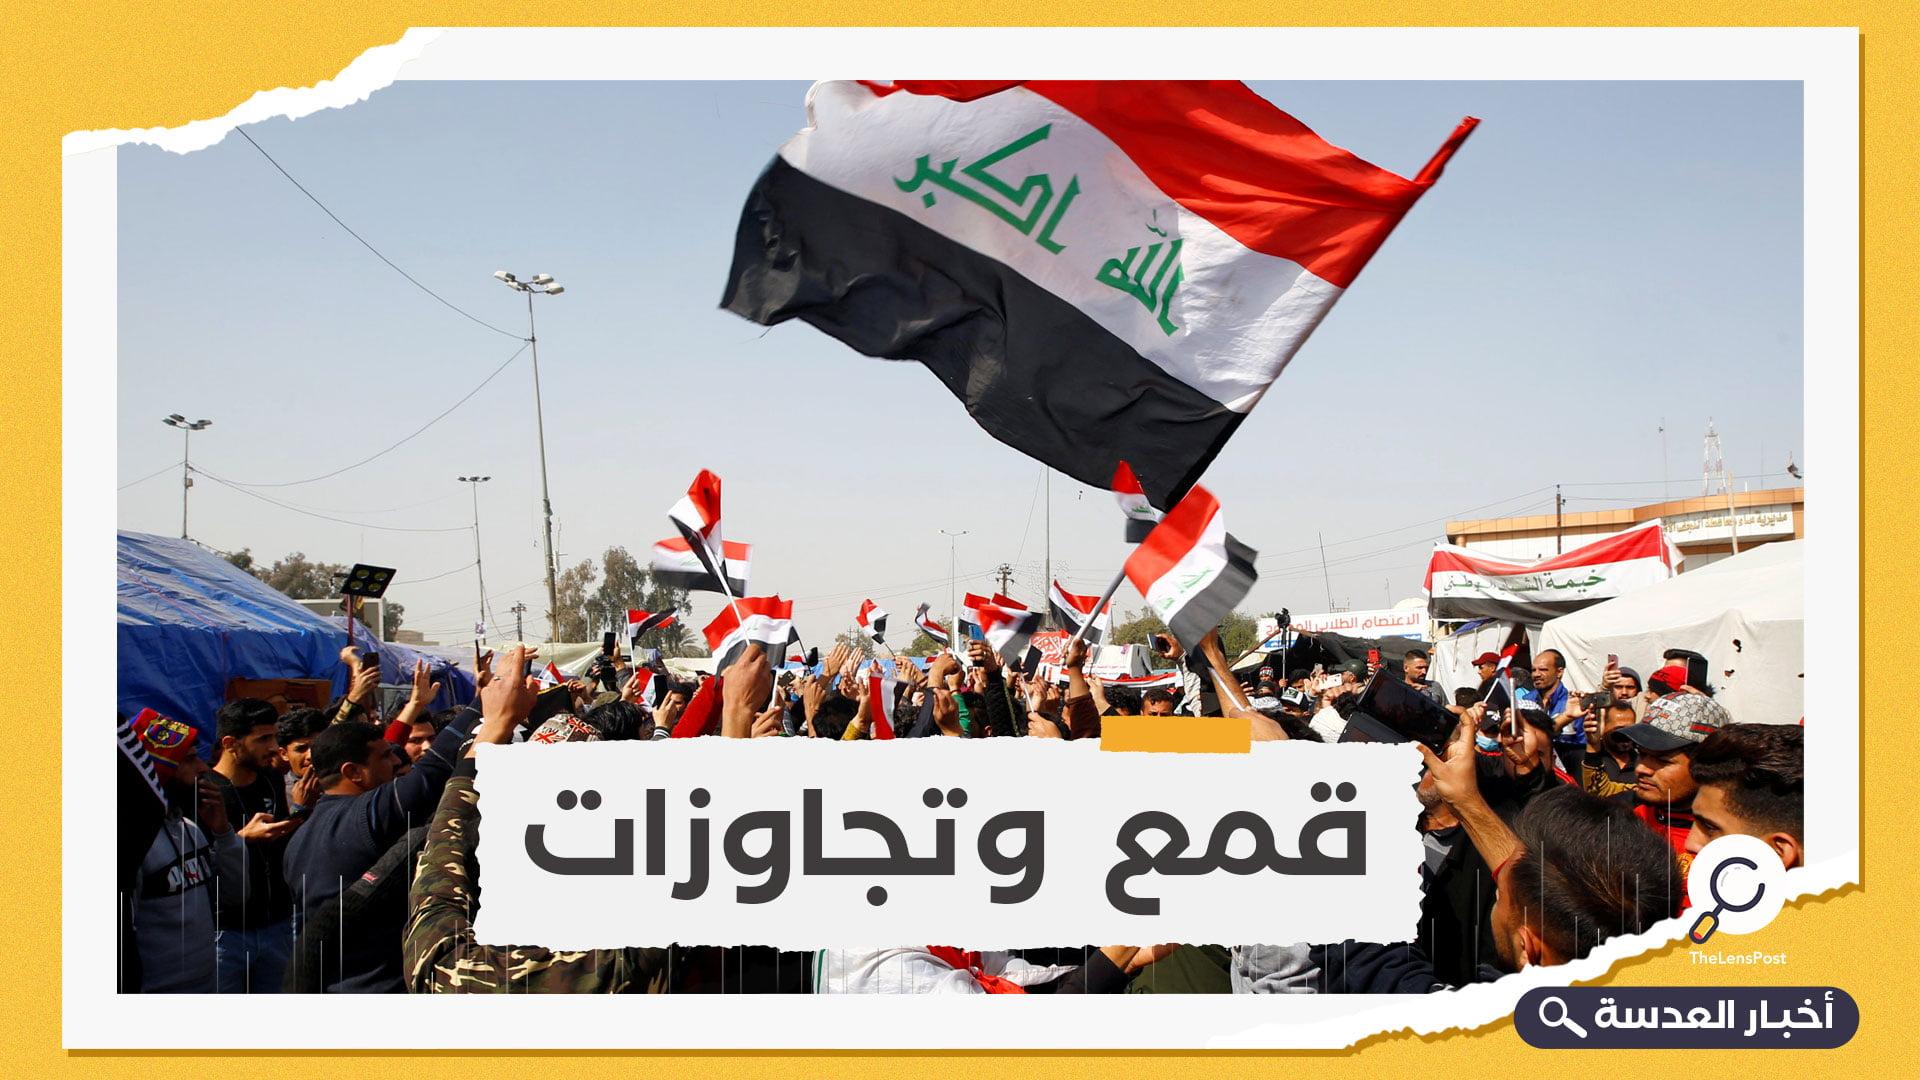 فض اعتصام حملة الشهادات العليا في العراق.. و تقرير حقوقي يكشف انتهاكات الأمن العراقي منذ 2019